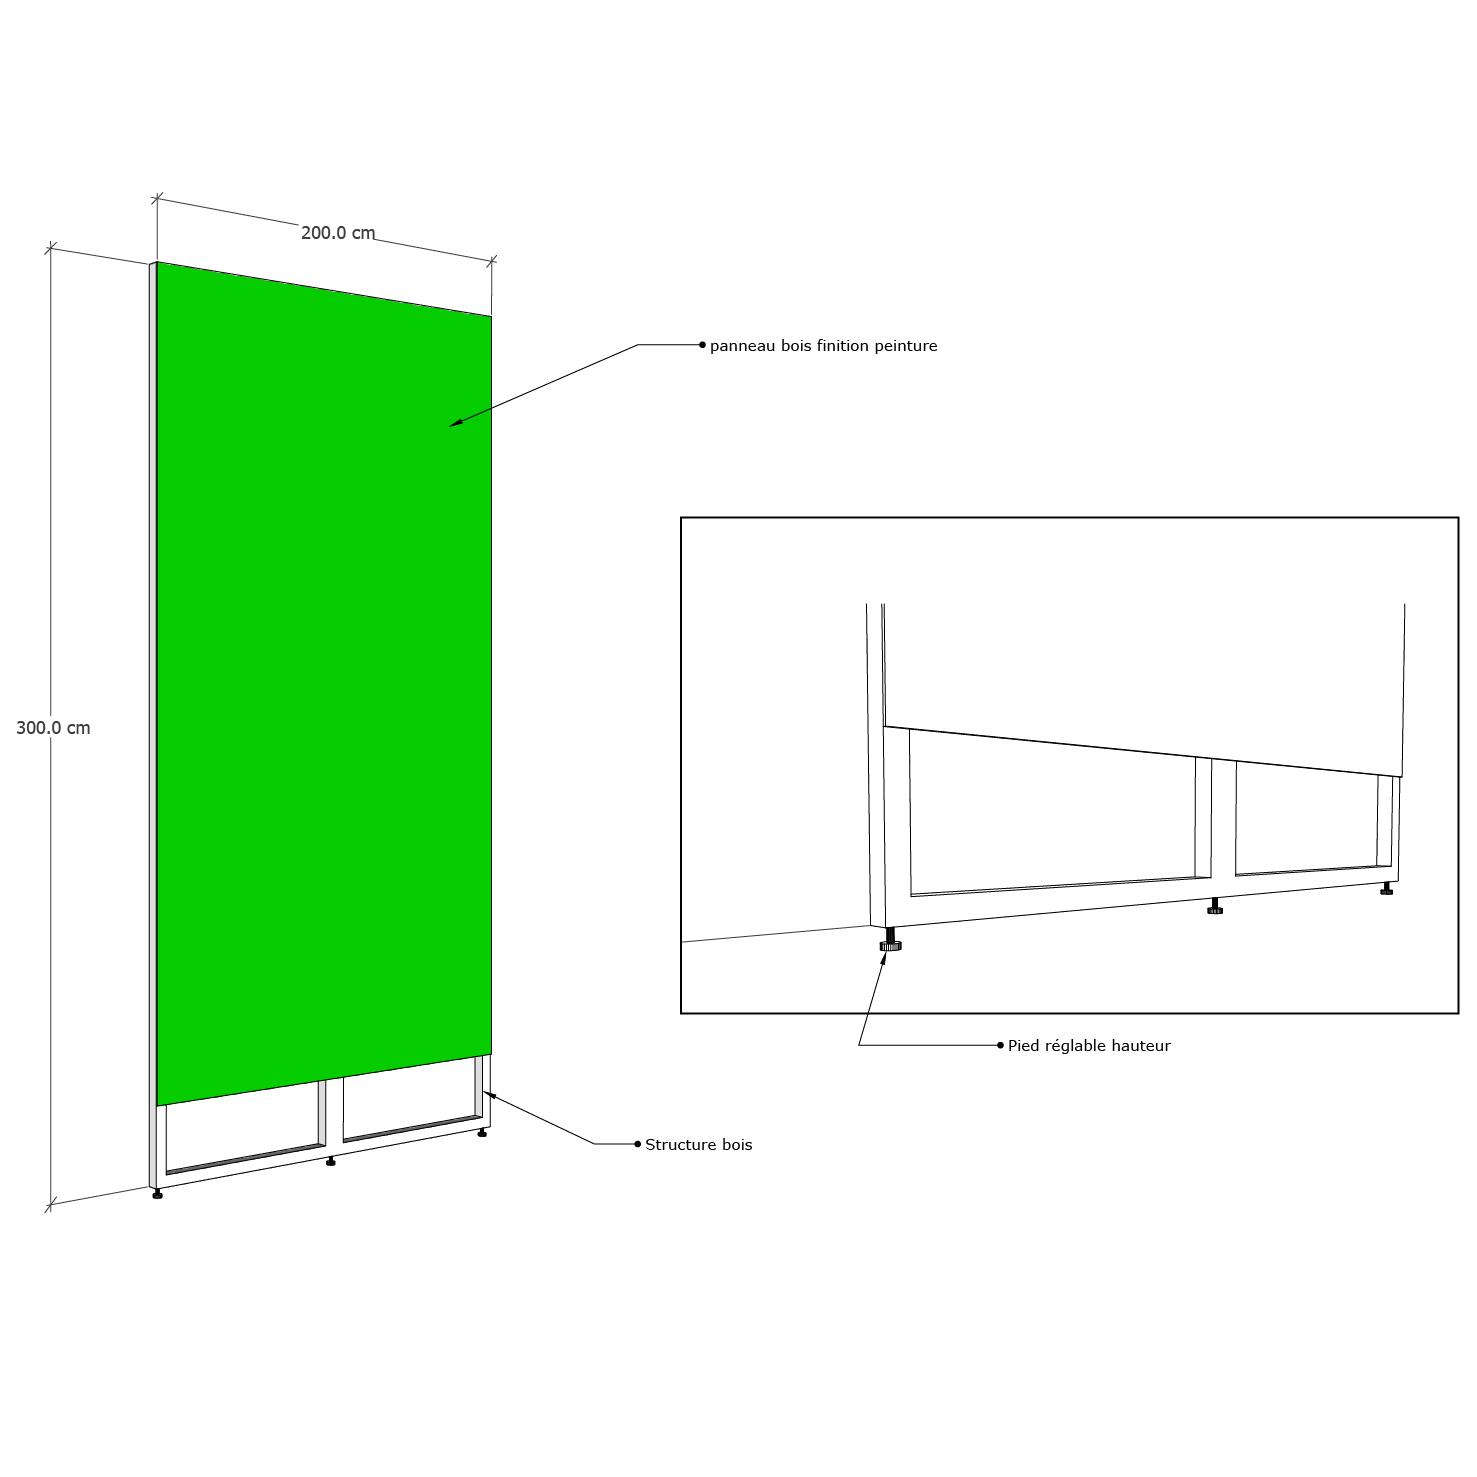 Structure fond vert mur droit